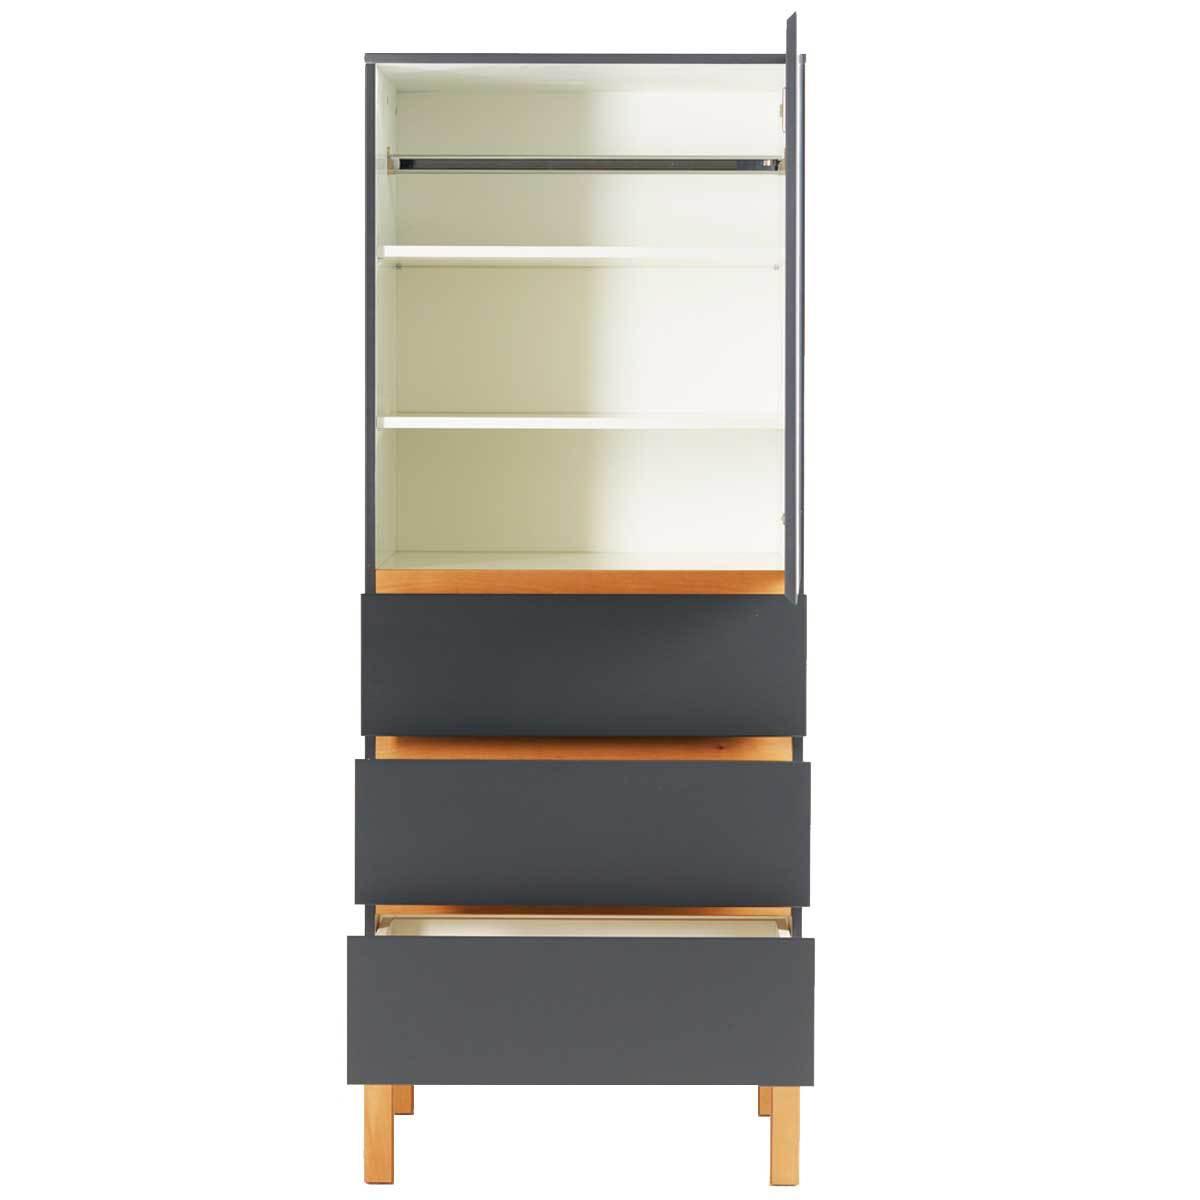 Quax armoire 1 porte 3 tiroirs indigo moonshadow - Armoire 1 porte enfant ...